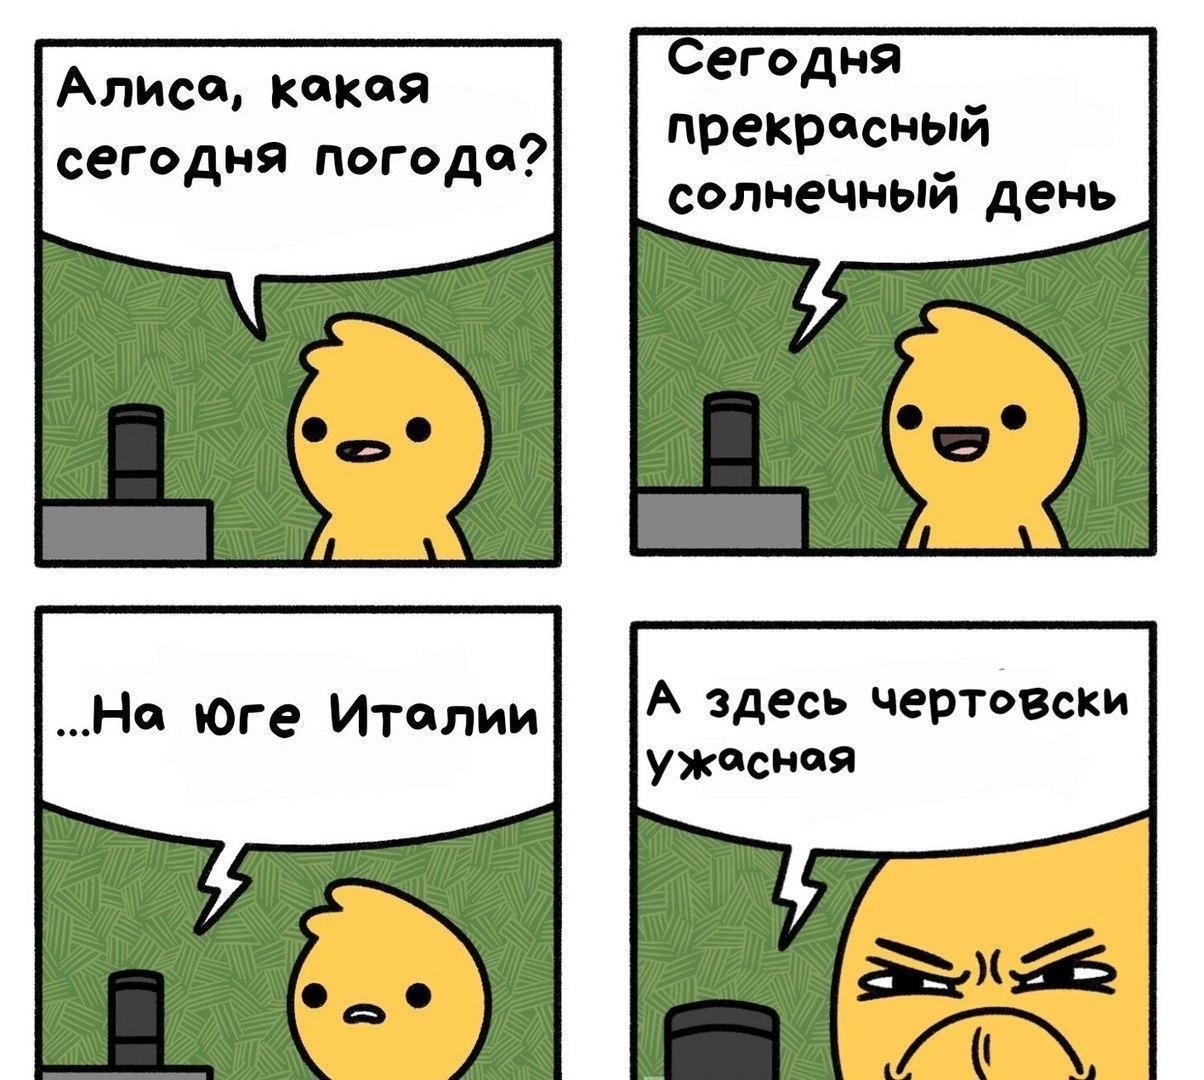 Смешные и прикольные комиксы до слез 2018 - лучшая подборка №1 10